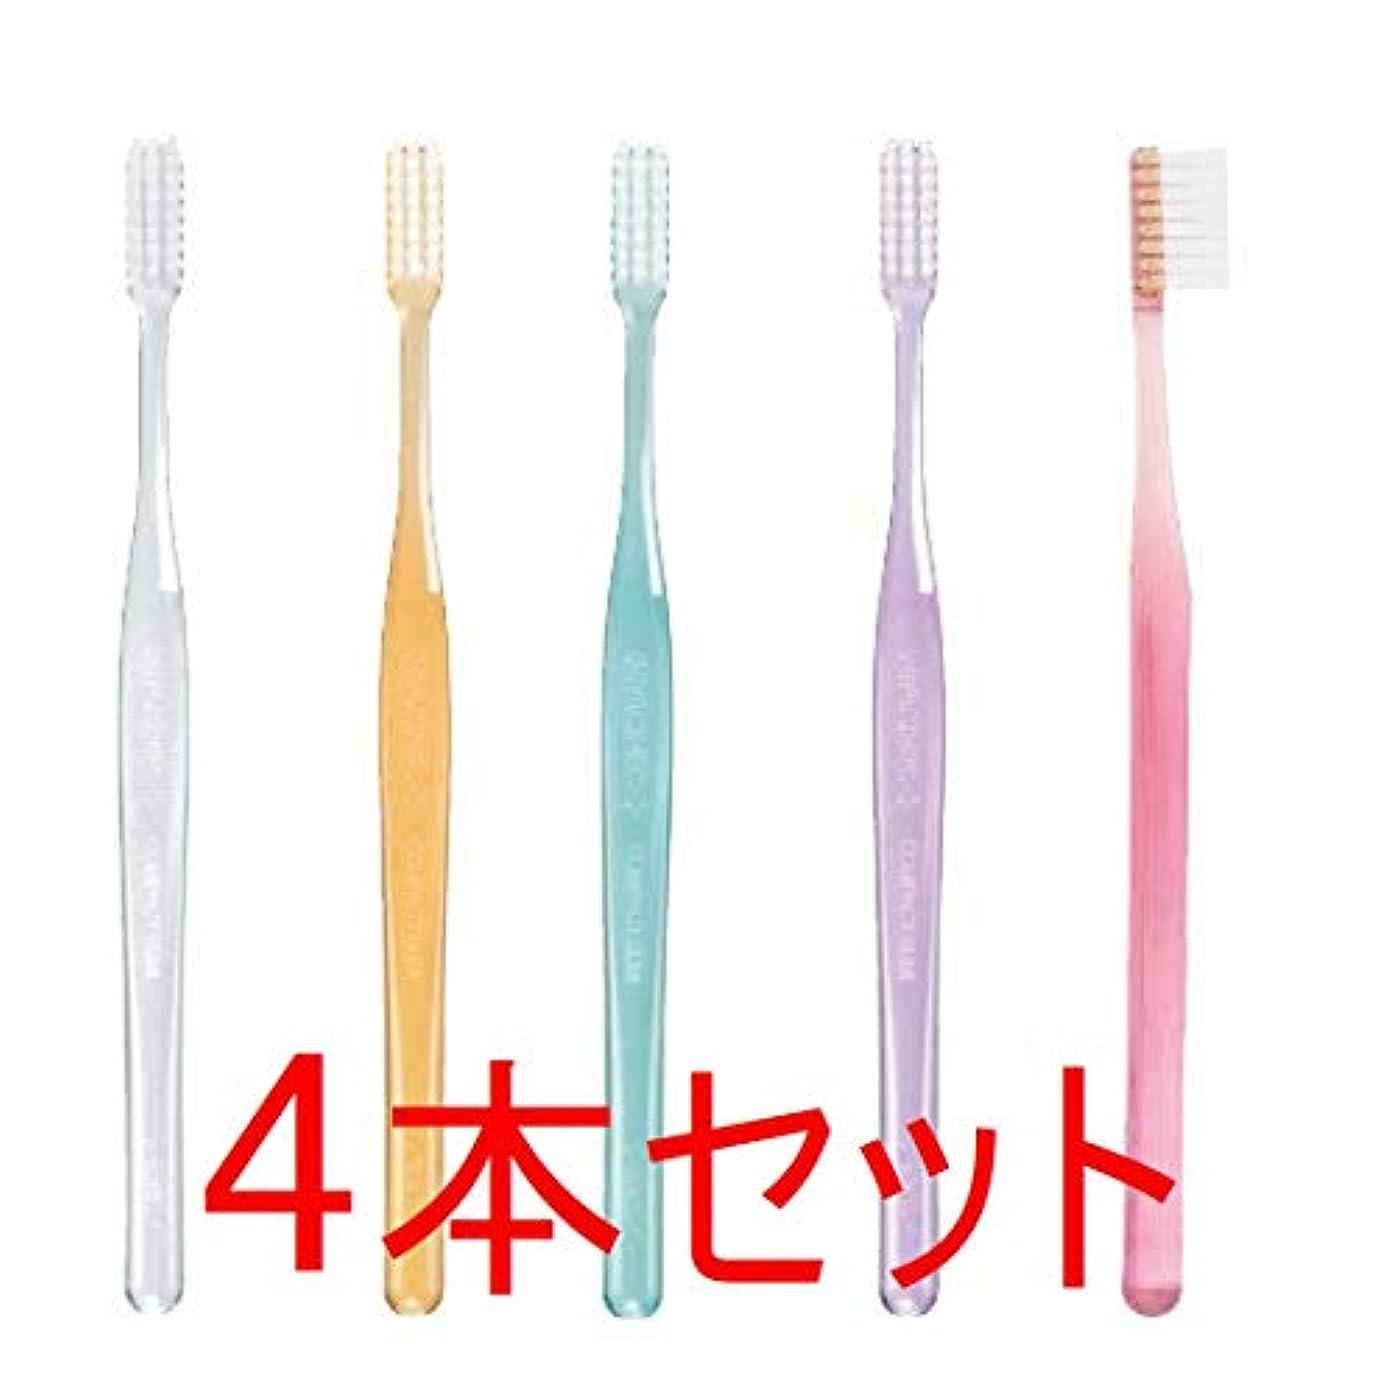 劣る動作不合格GC プロスペック 歯ブラシ プラス コンパクトスリム 4本 クリアー色 (M(ふつう), おまかせ)